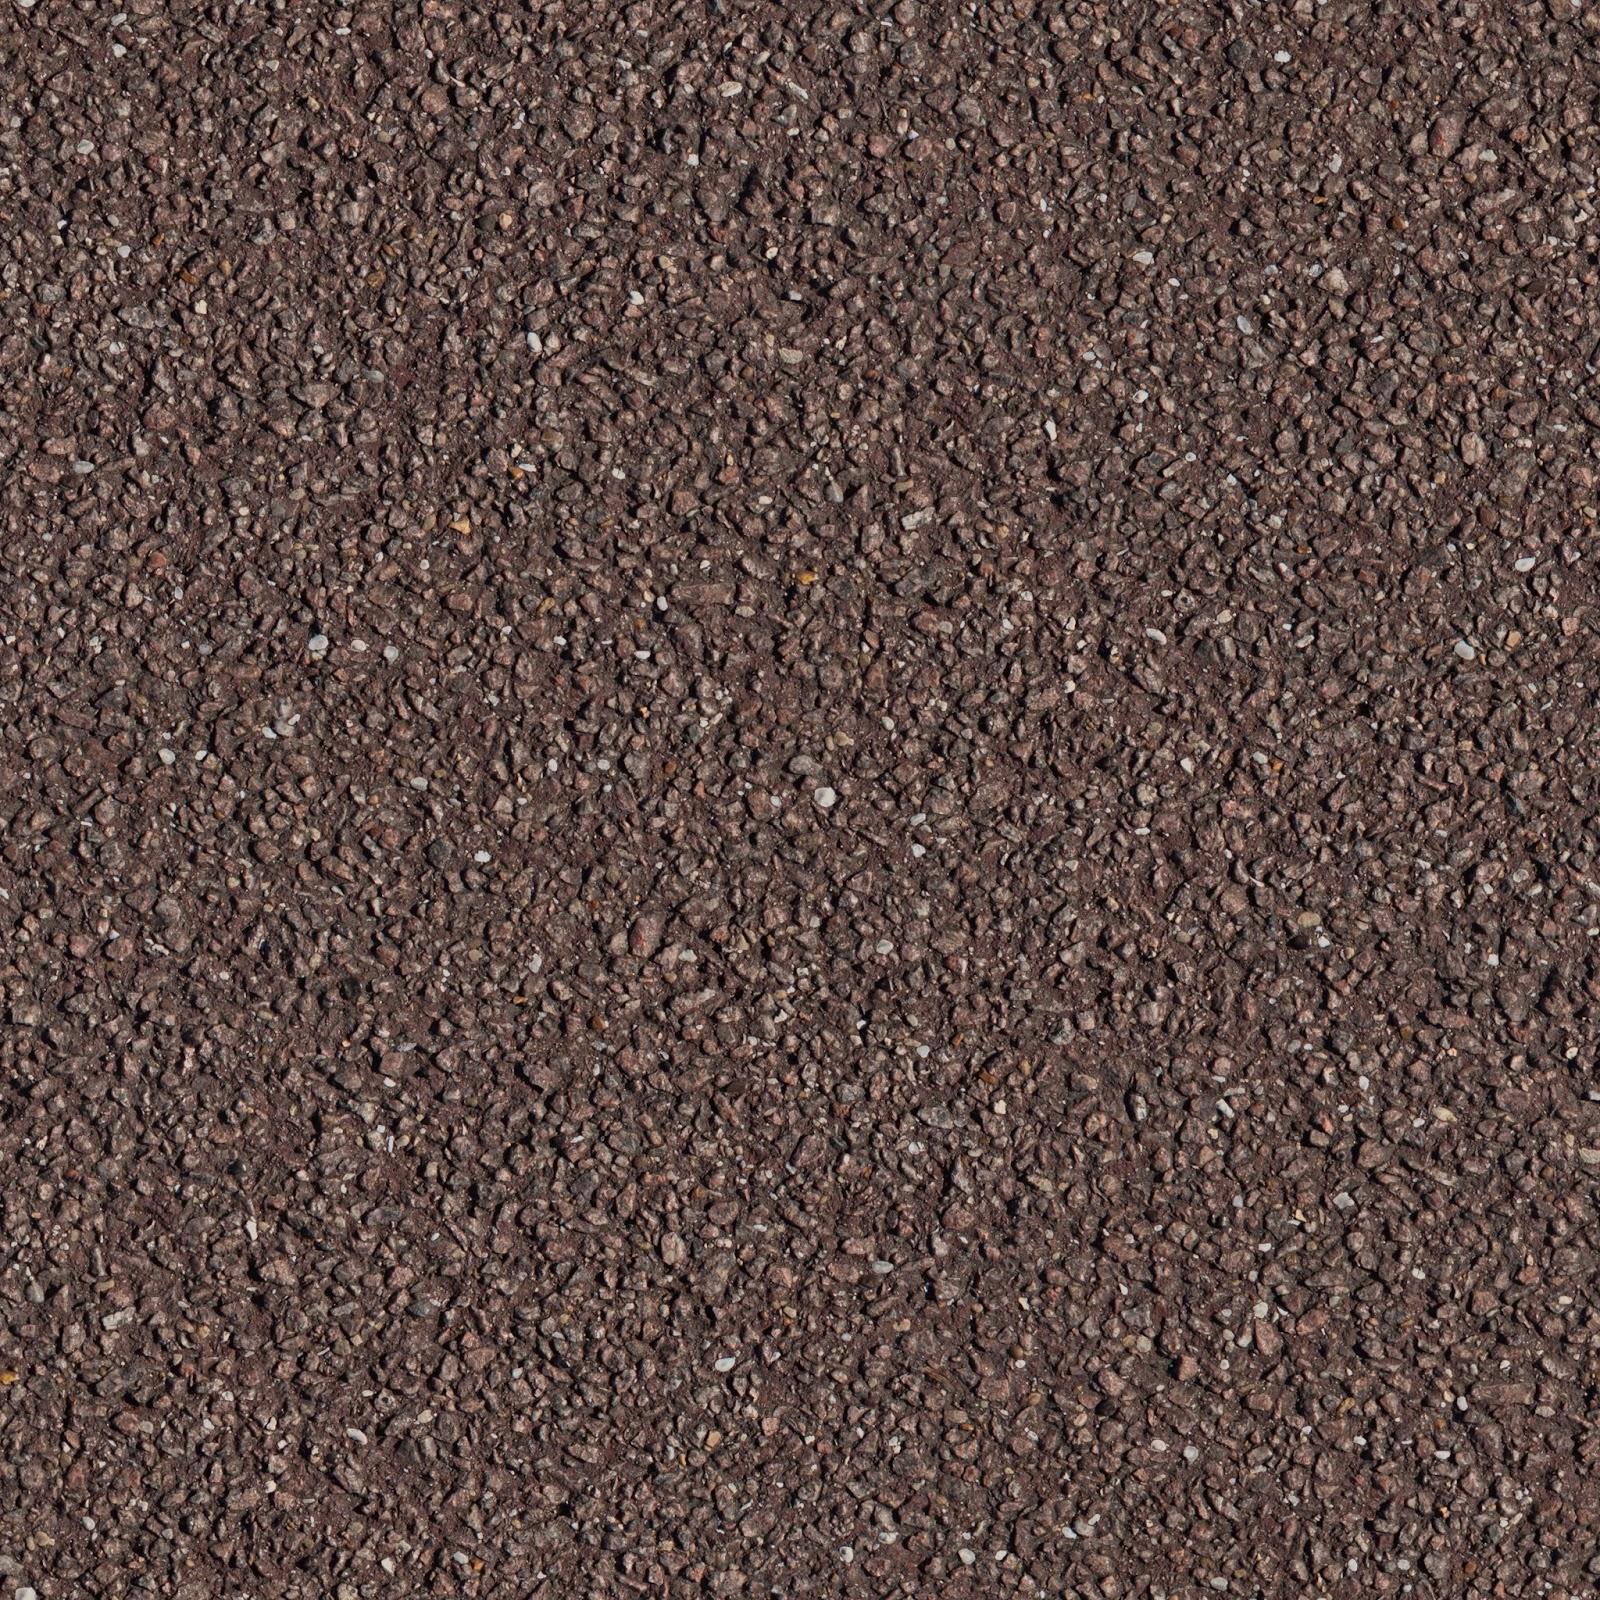 High Resolution Seamless Textures: Seamless Pavement Texture